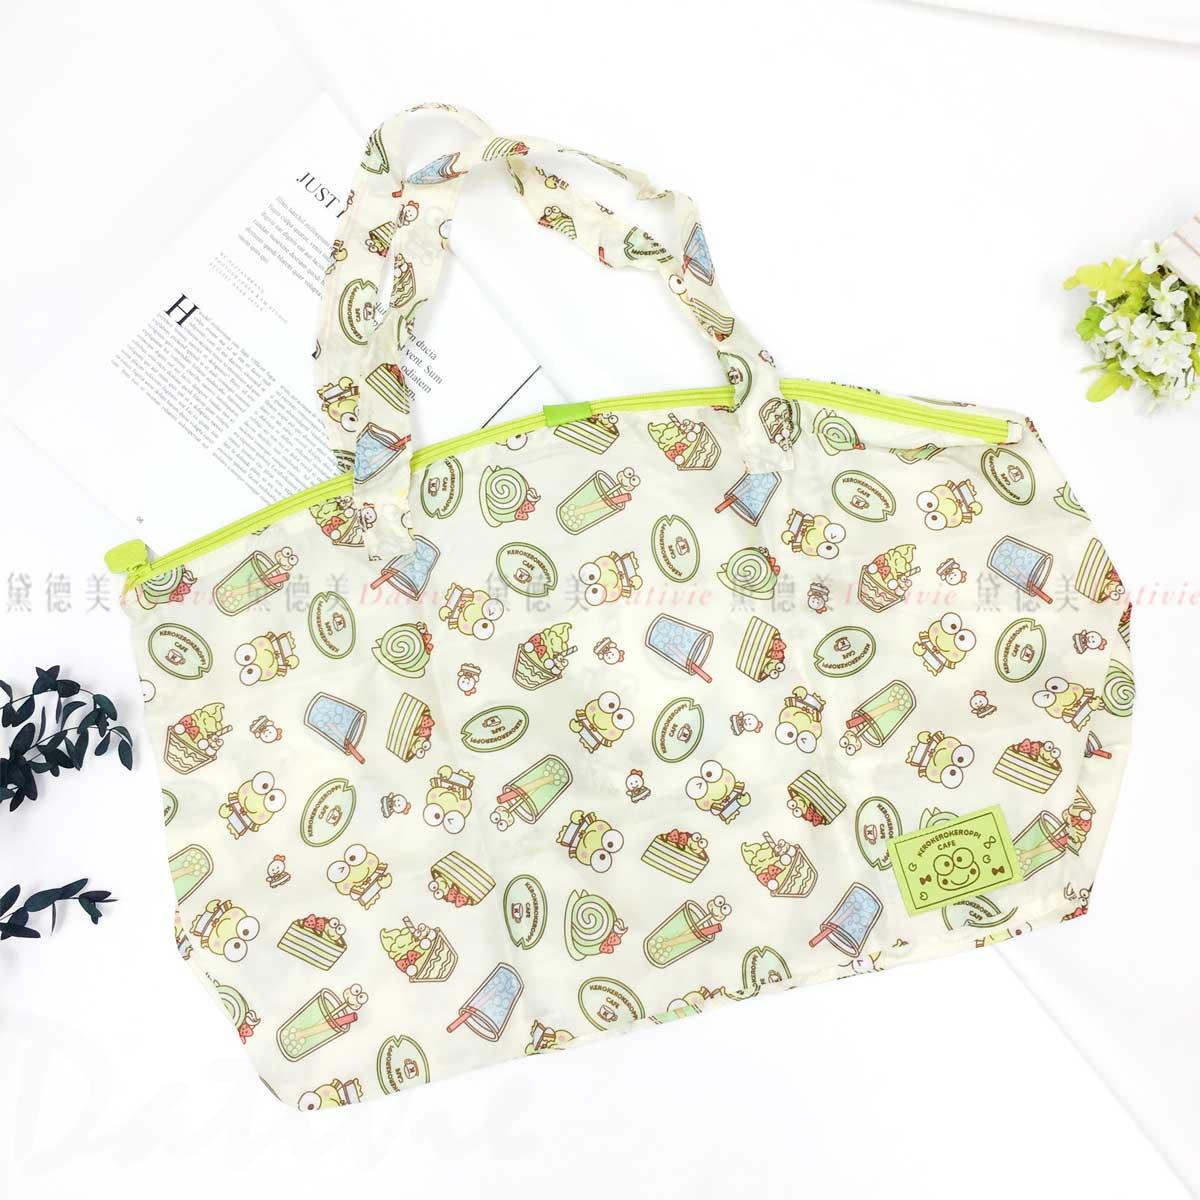 環保購物袋-大眼蛙 Keroppi ECO BAG 三麗鷗 Sanrio Original日本進口正版授權